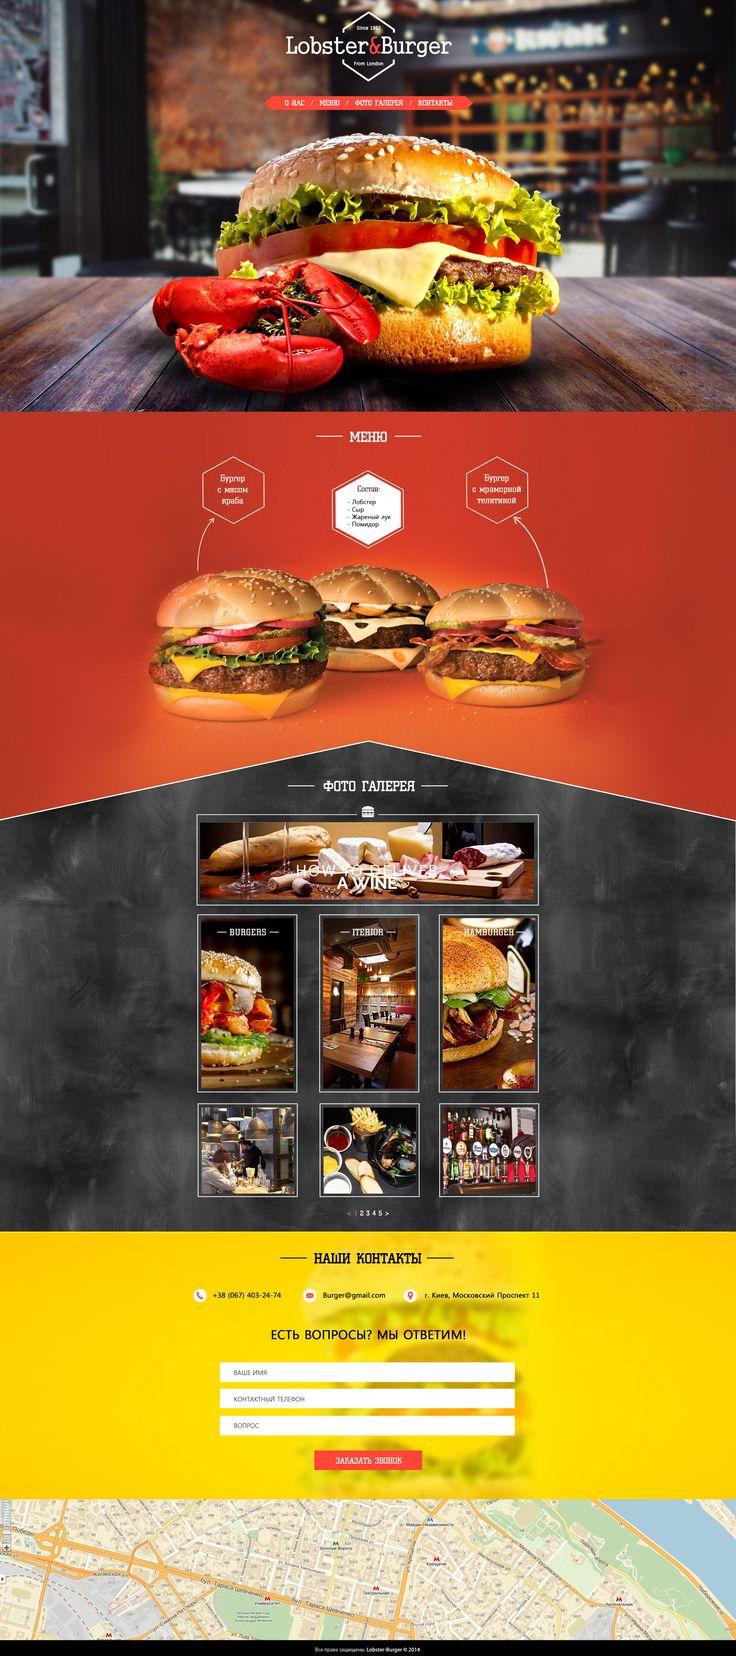 lobster  u0026 burger  site design lobster burger restaurant